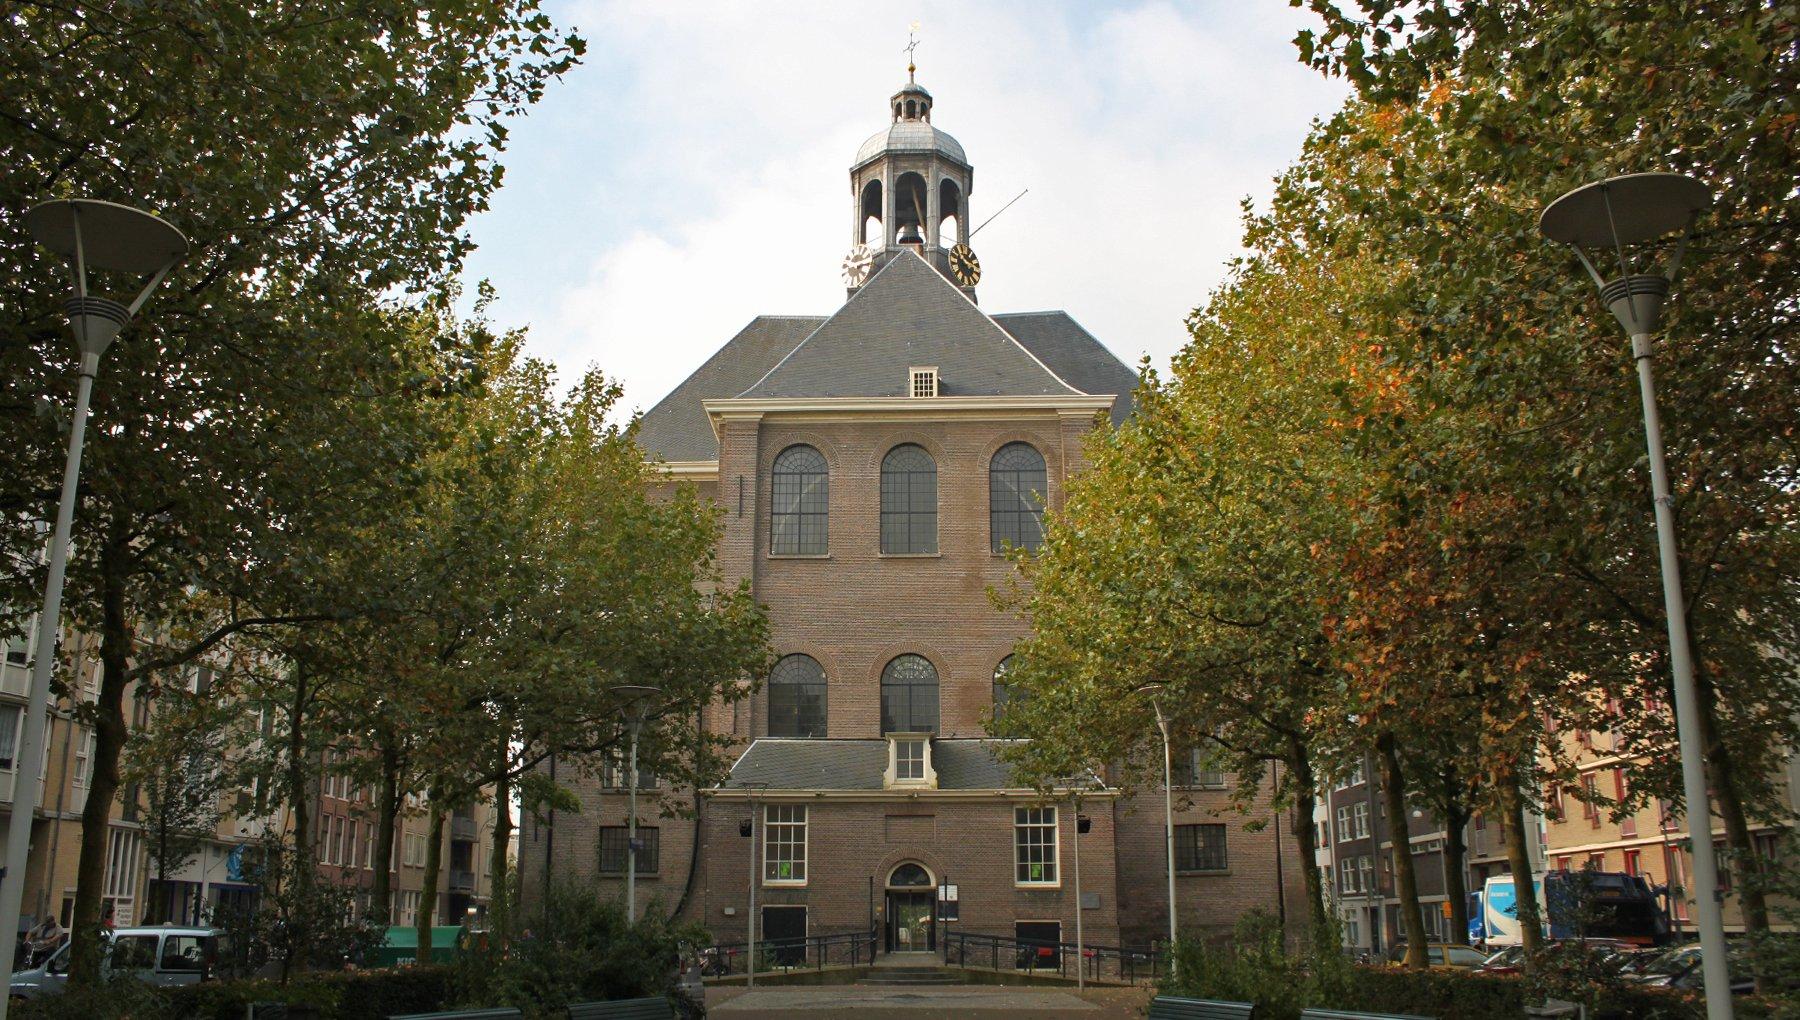 Oosterkerk - Amsterdam - citytrip en reisinfo - Take-A-Trip